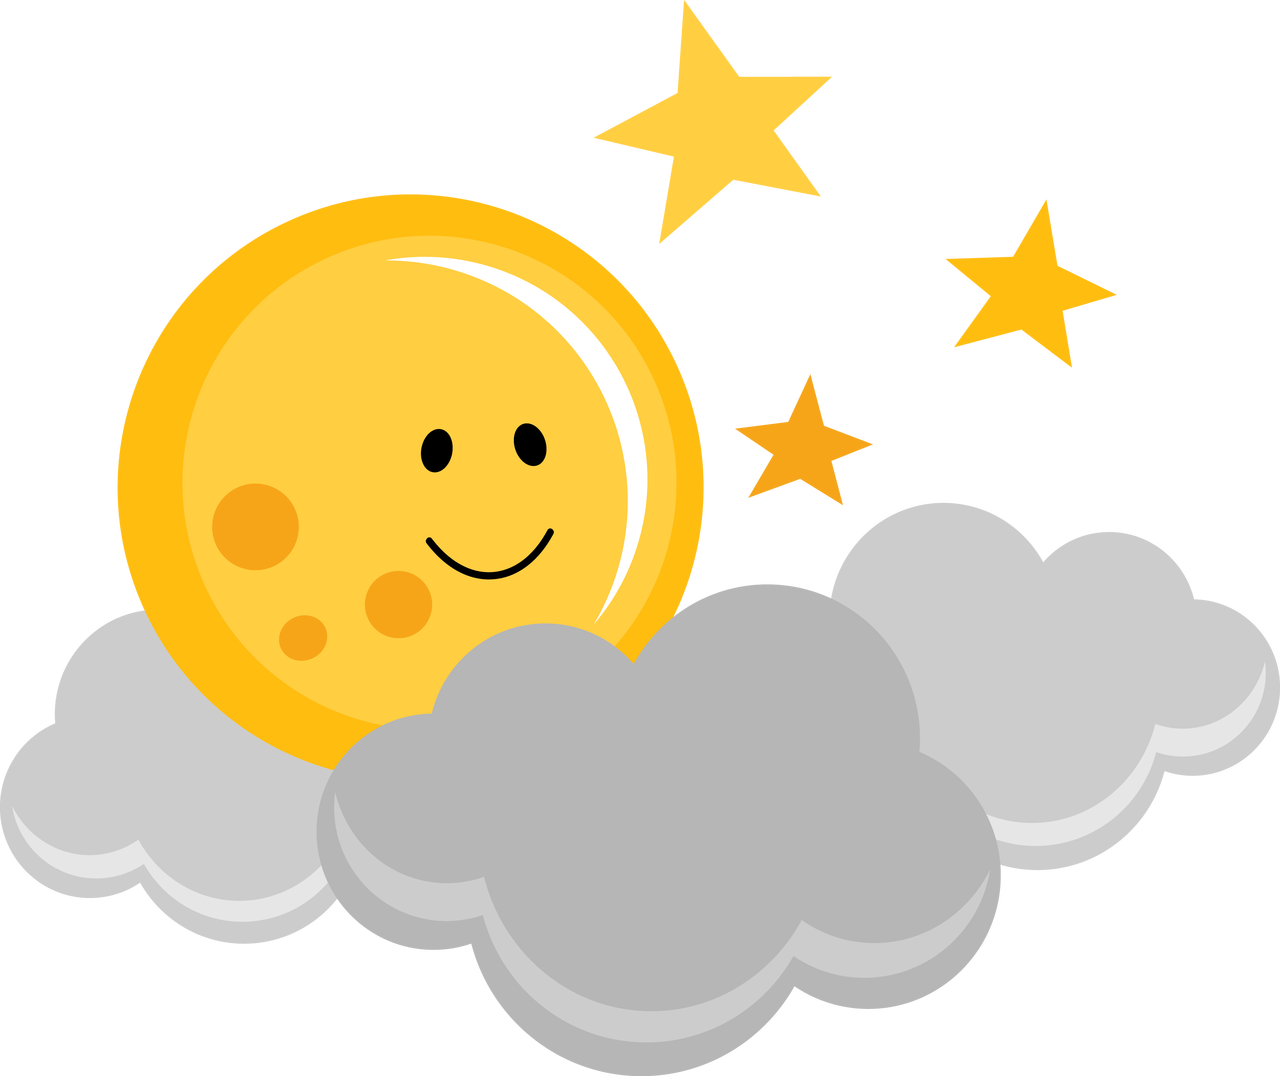 Clouds clipart cute cartoon Cut sun $0 svg Cute